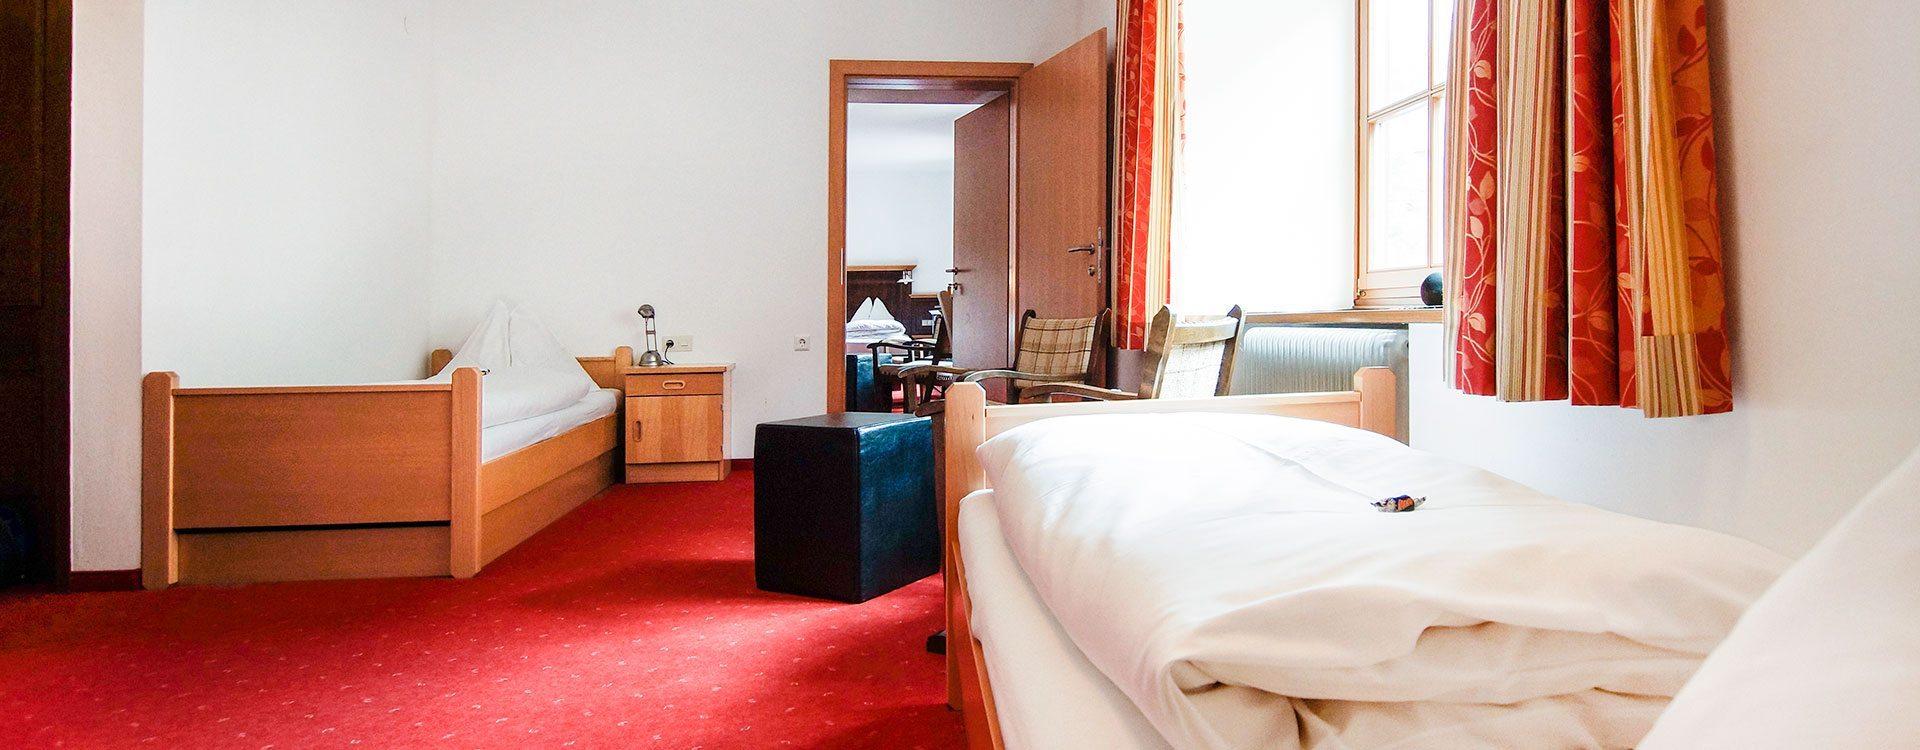 Familiensuite 4 – Zimmer in Mauterndorf, Lungau - 3 Sterne Hotel Neuwirt